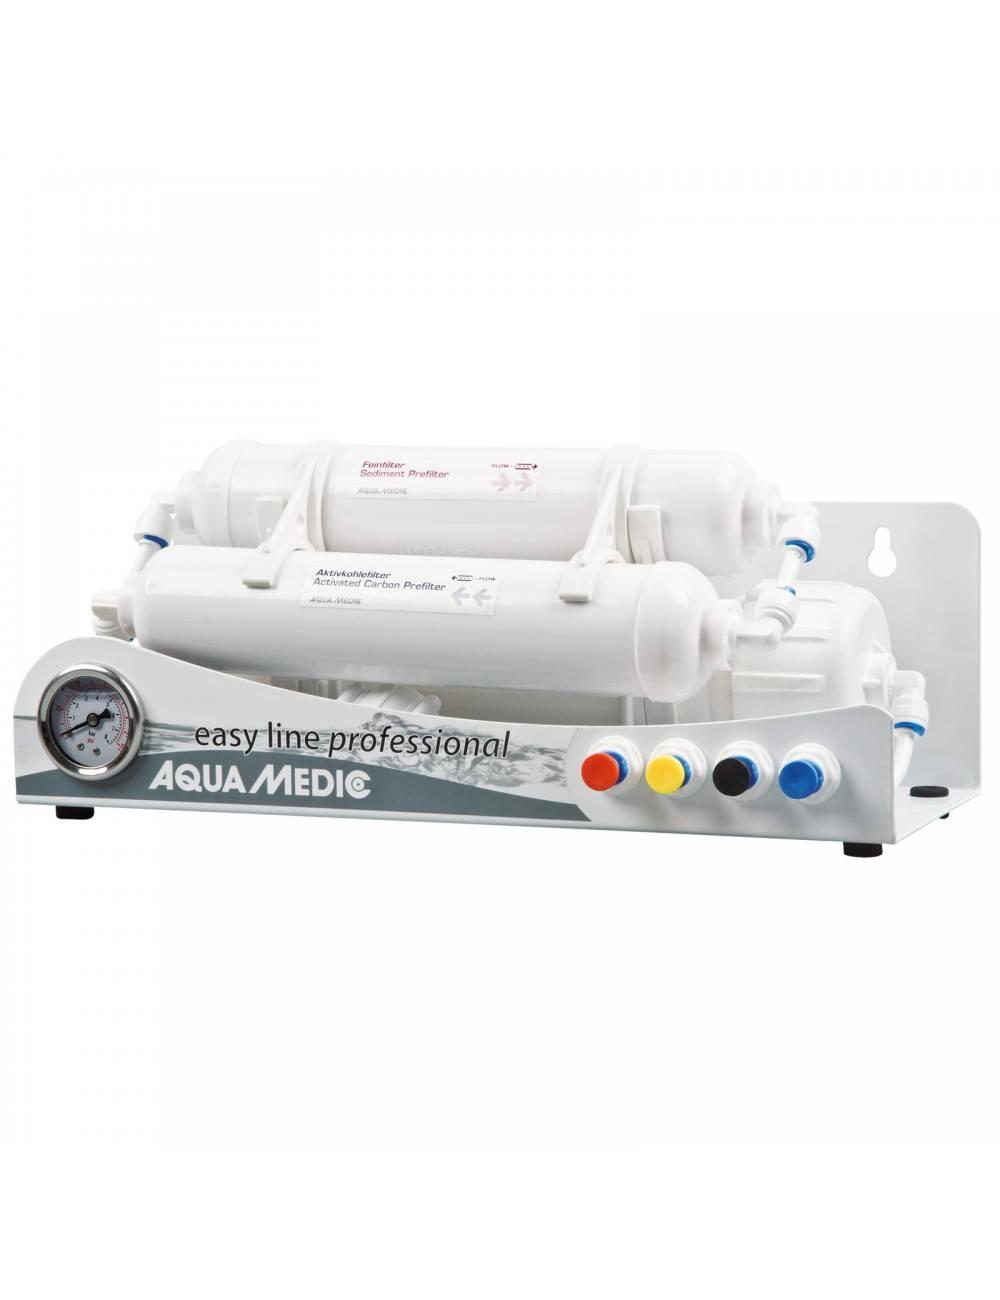 Aqua Medic - Easy Line Professional 150 - 600 L/H - Unité d'osmose inverse